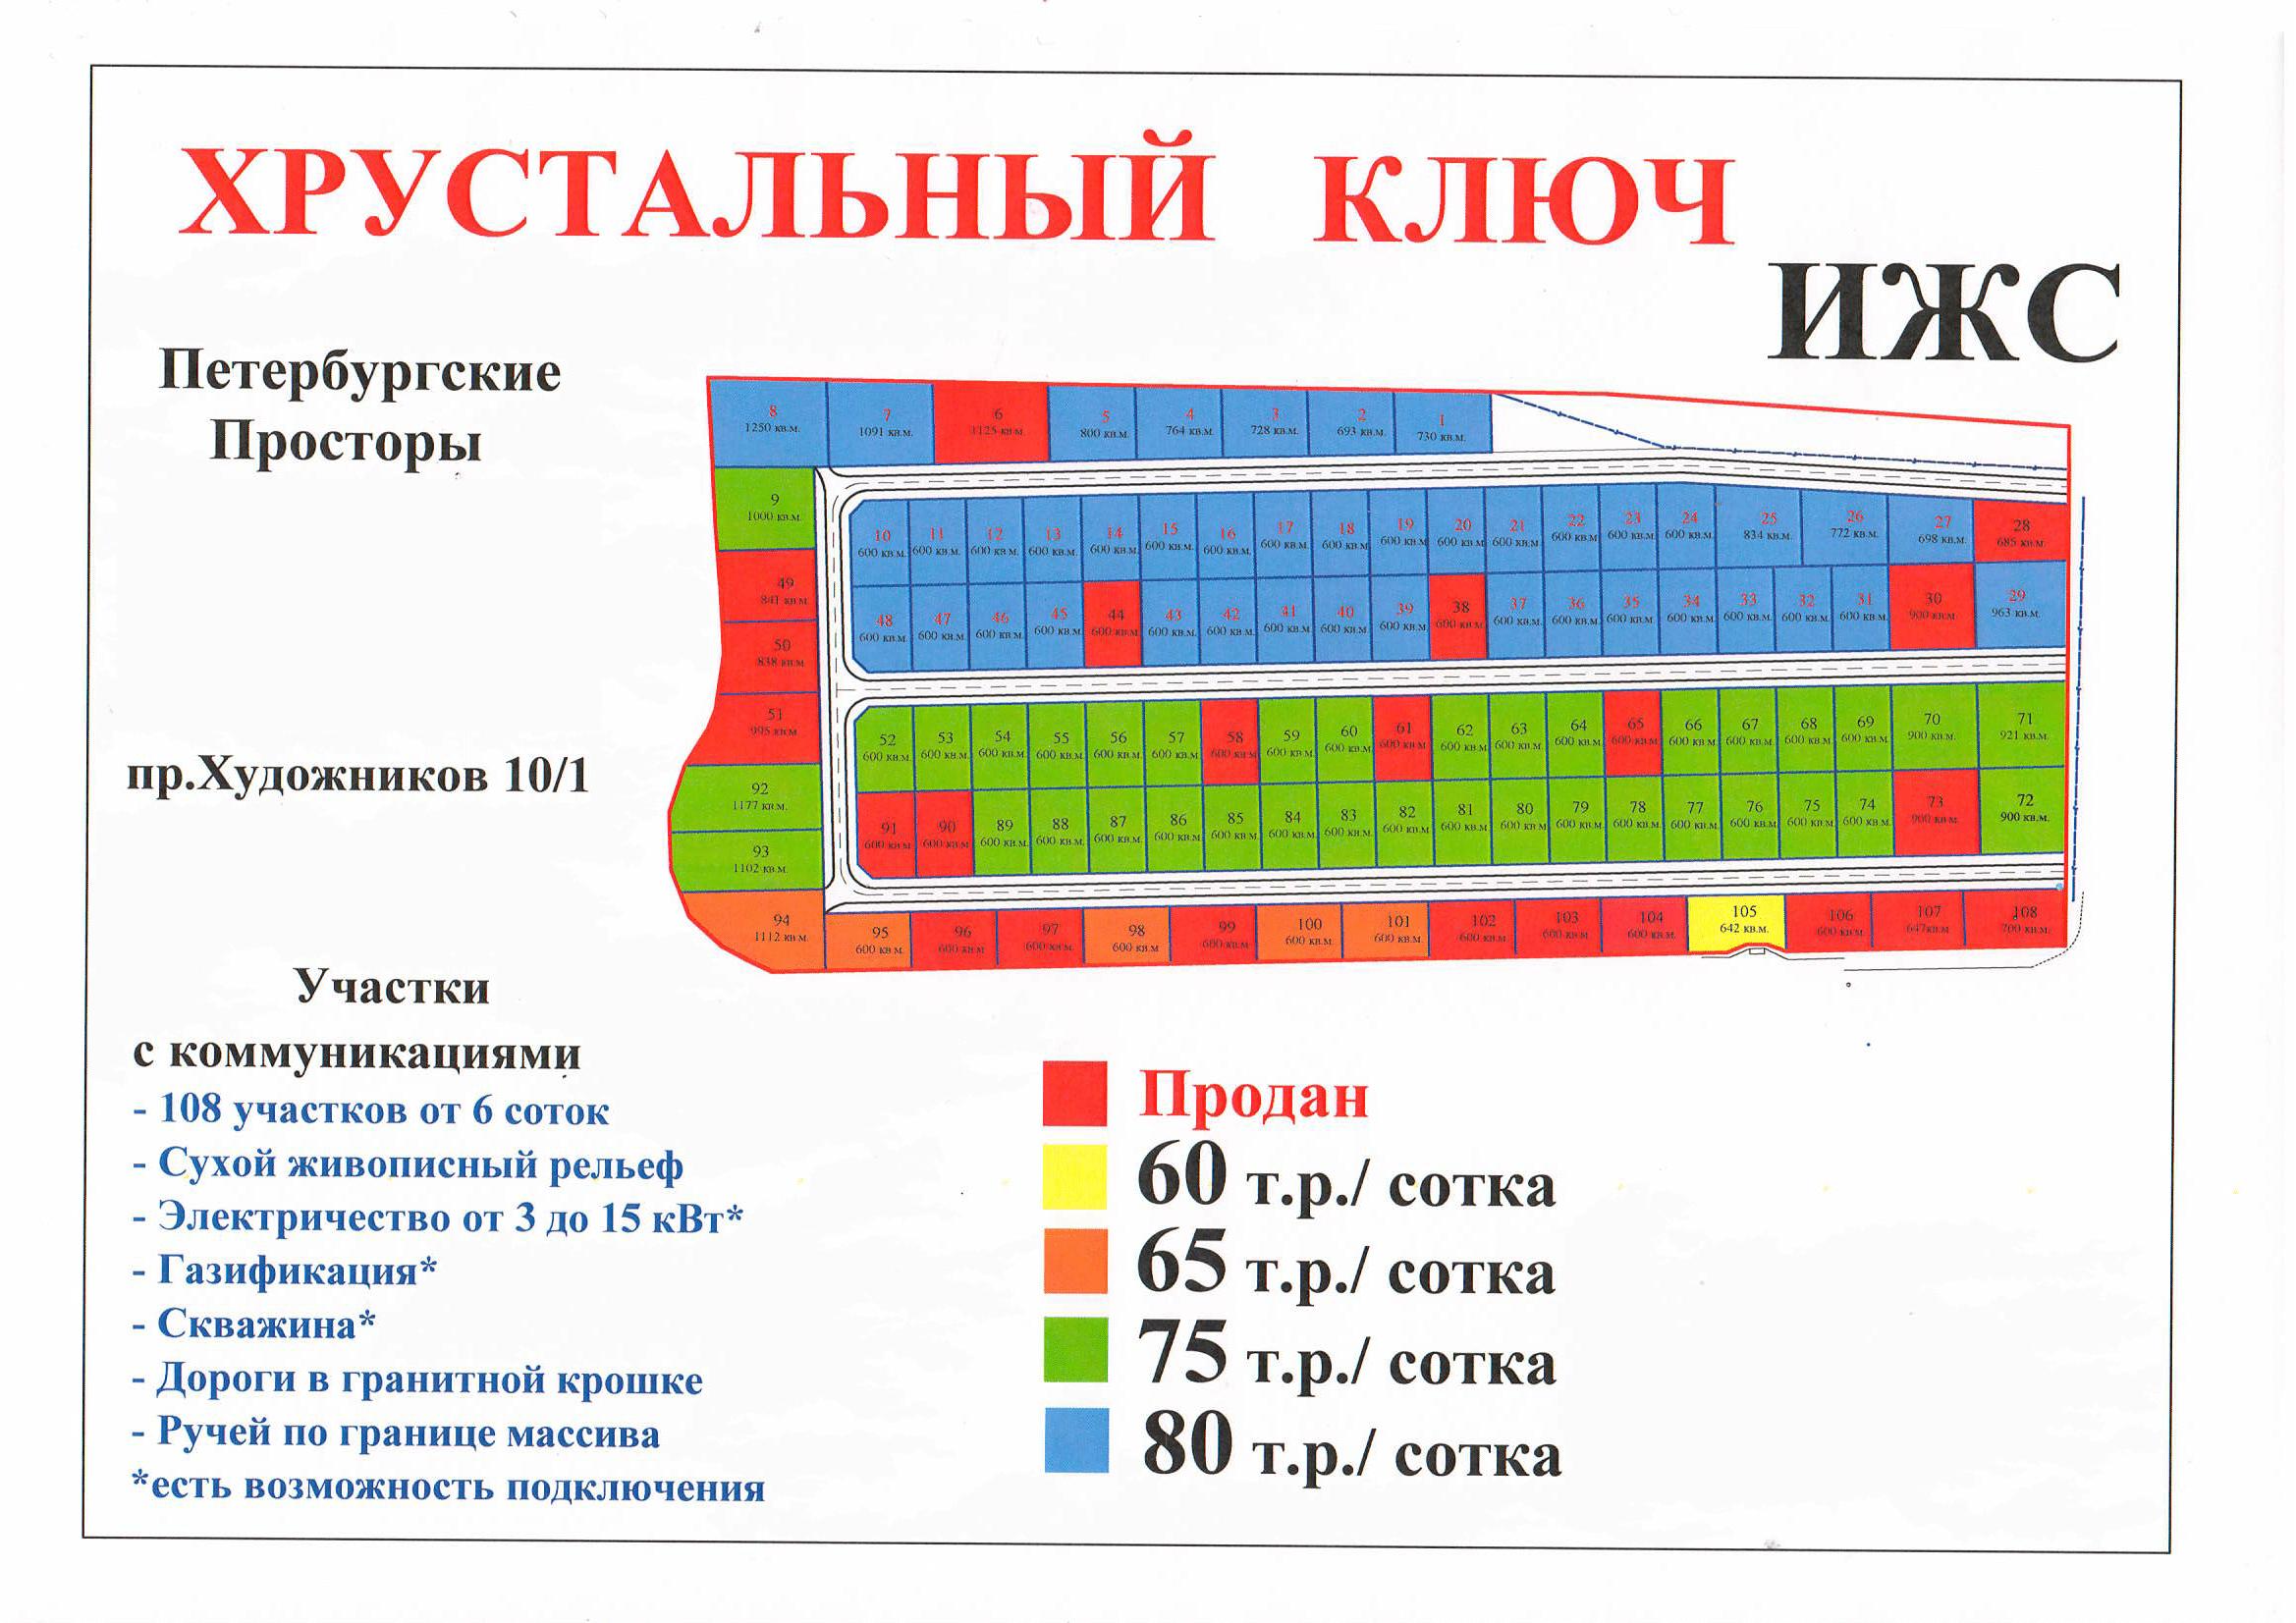 Генеральный план Хрустальный Ключ